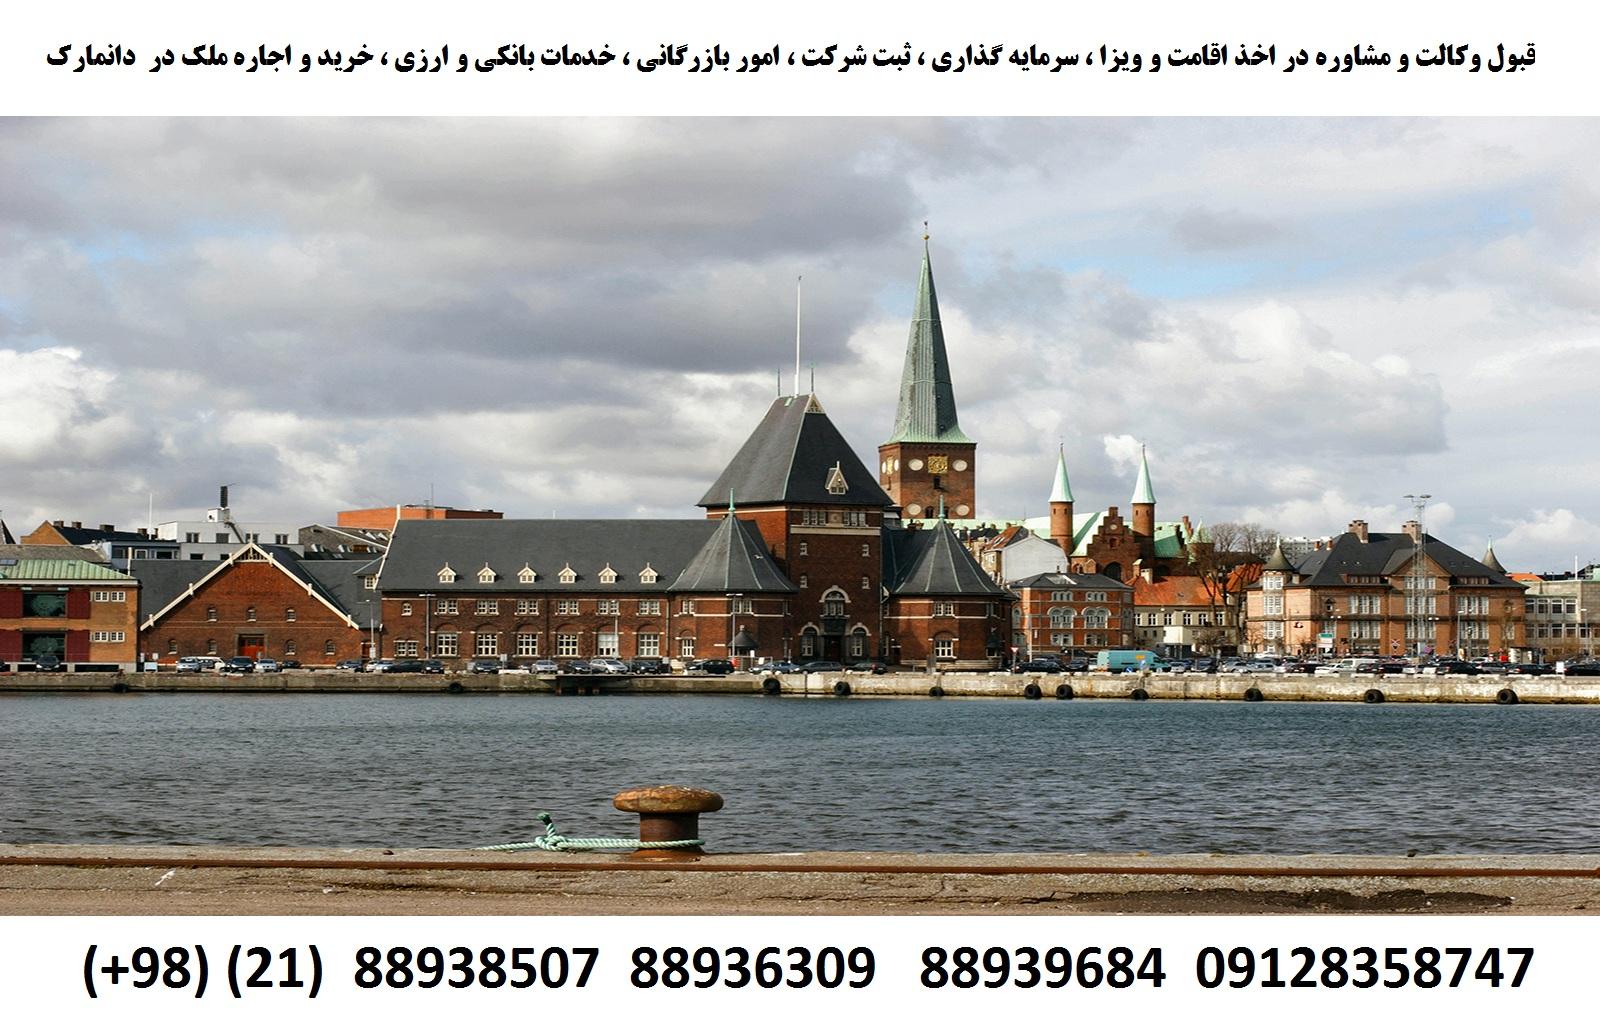 اقامت ، ویزا ، ثبت شرکت ، سرمایه گذاری در دانمارک (6)